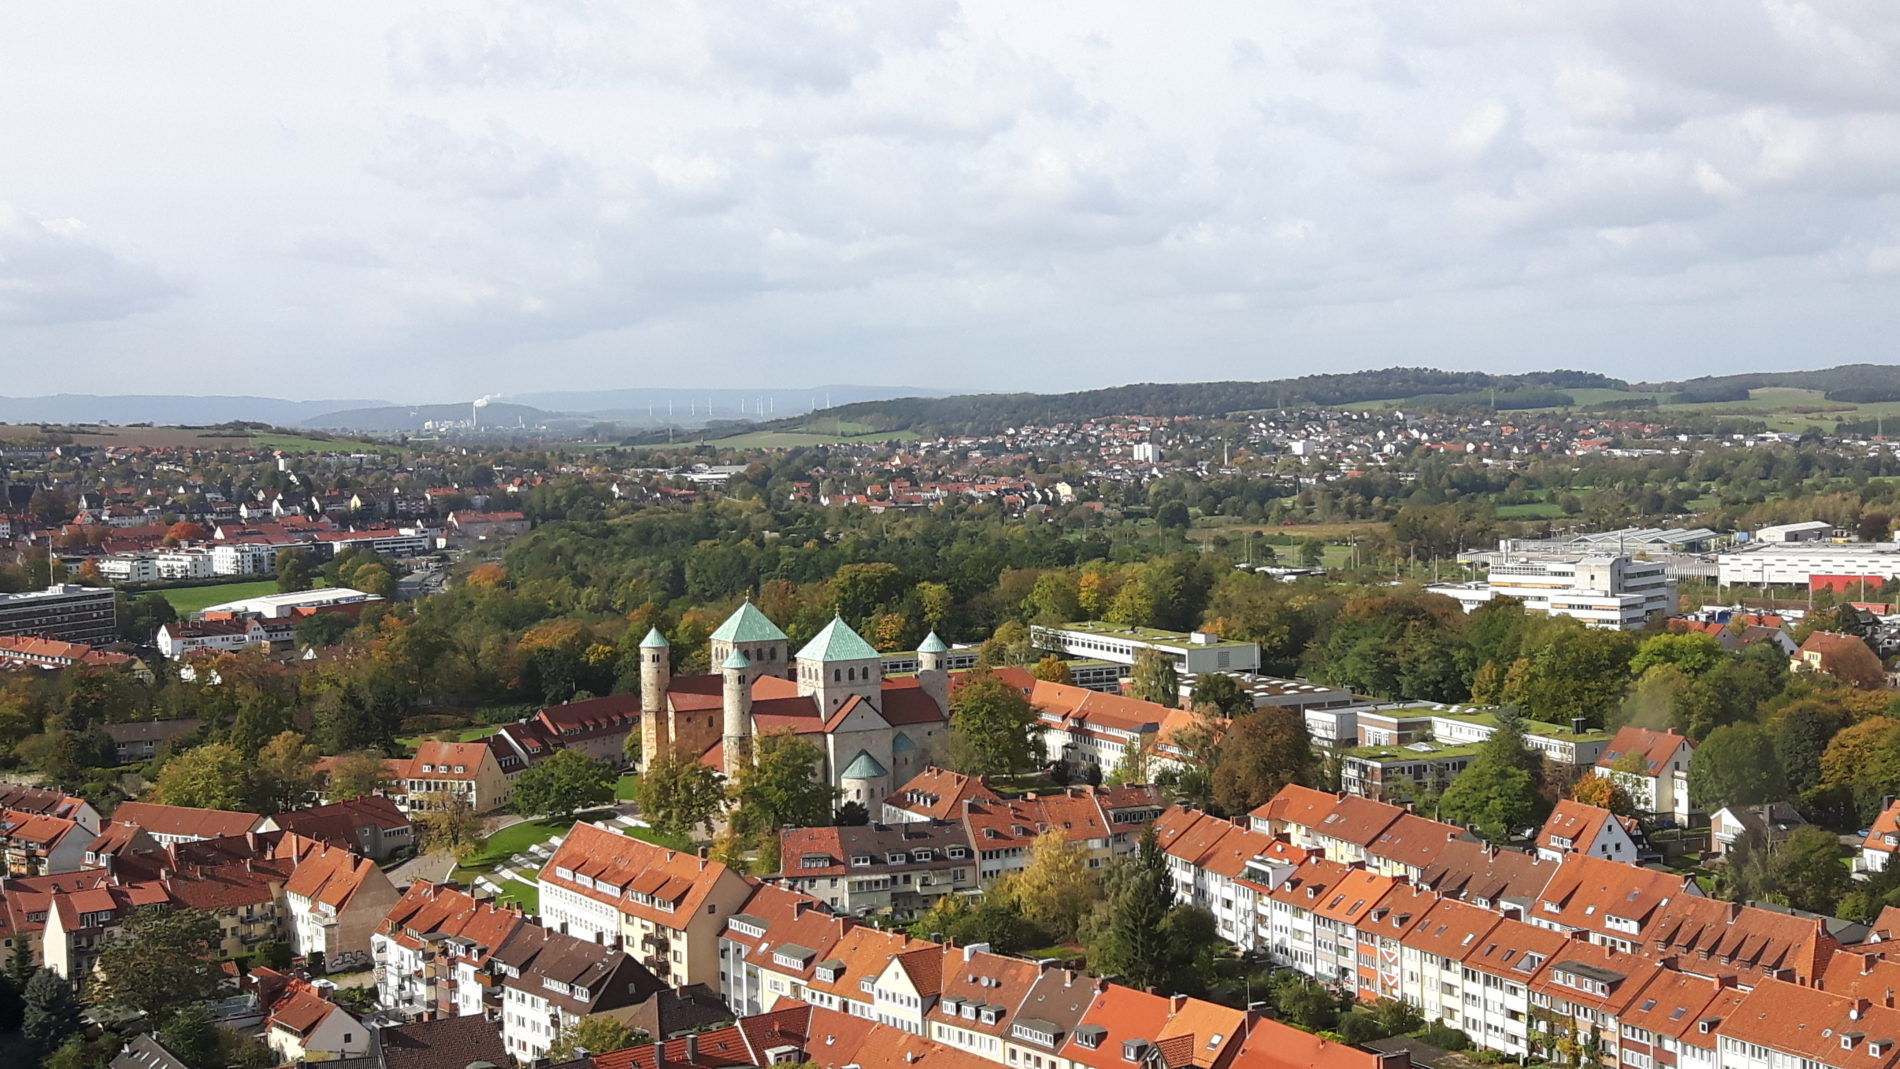 Zum Greifden nah - der Blick vom Turm auf die Kirche St. Michael (c) Keno Hennecke